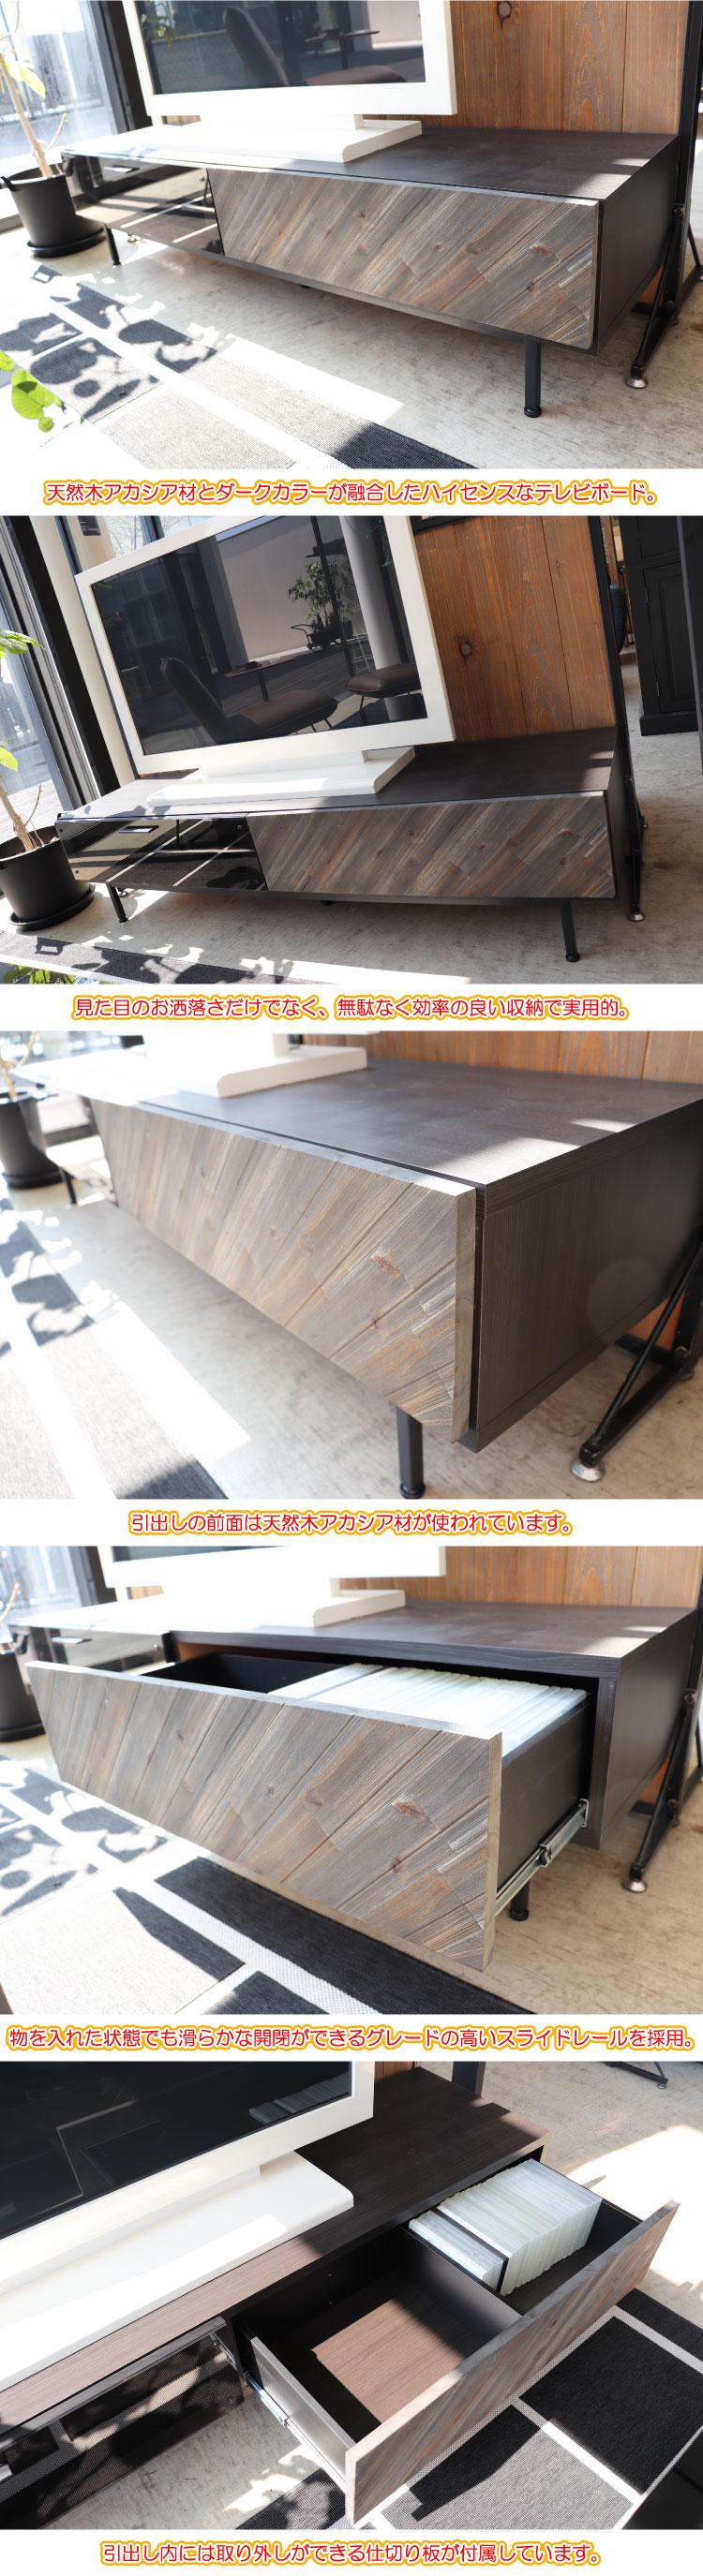 幅170cm・天然木アカシア製テレビ台(日本製・完成品)【今なら特典付き!開梱設置サービス無料】